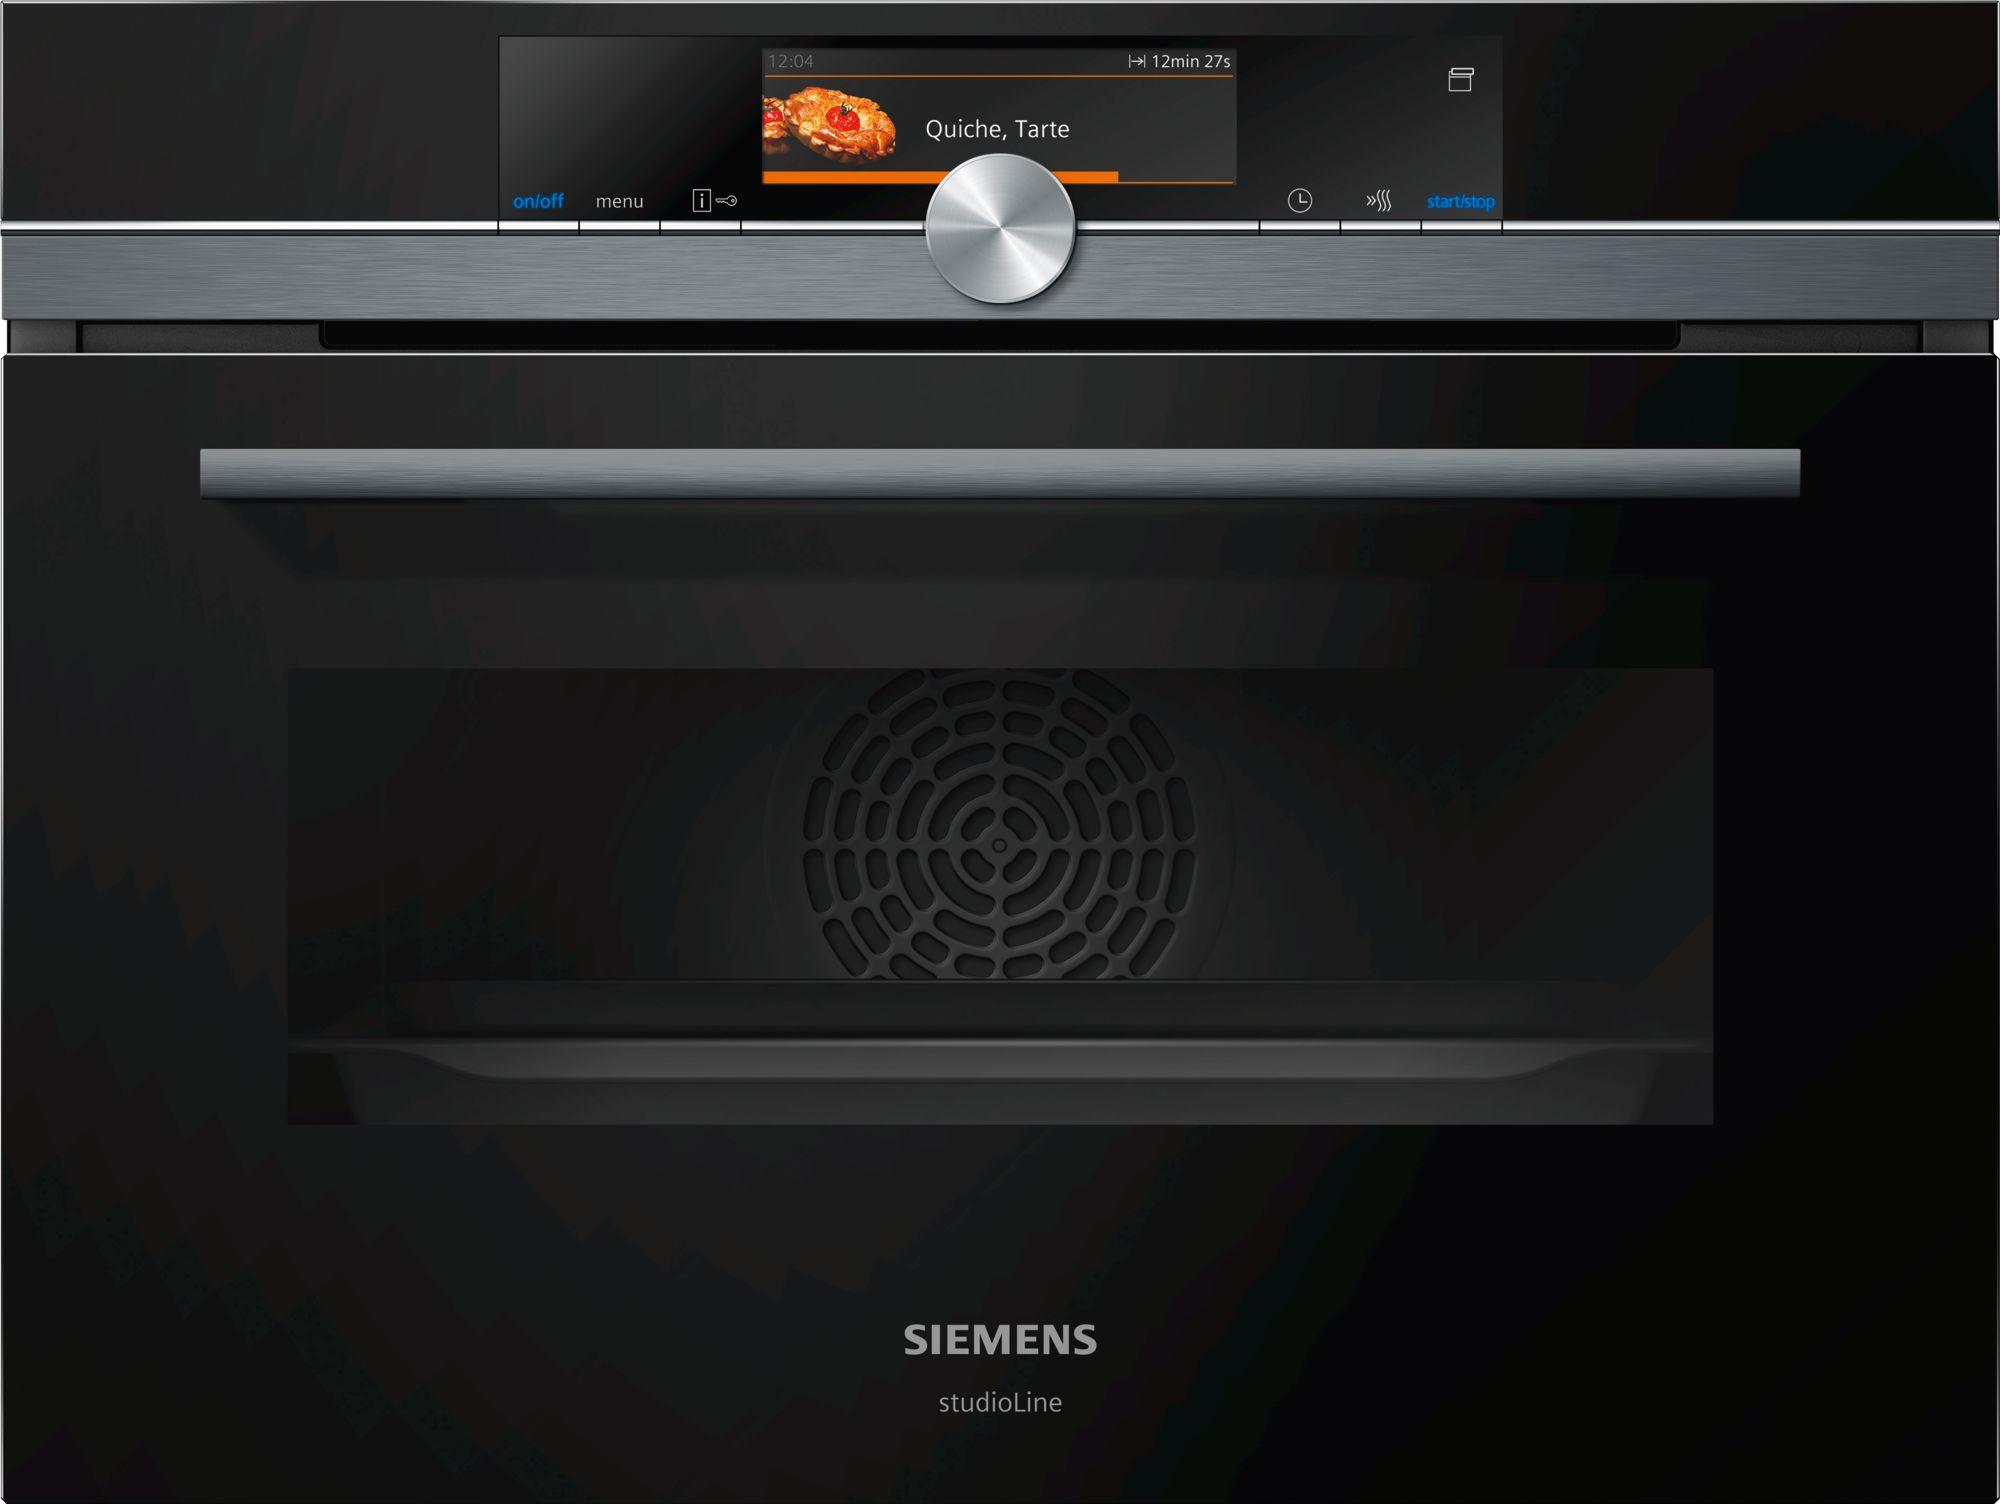 Siemens CS858GRB7 Einbau-Kompaktdampfbackofen Schwarz